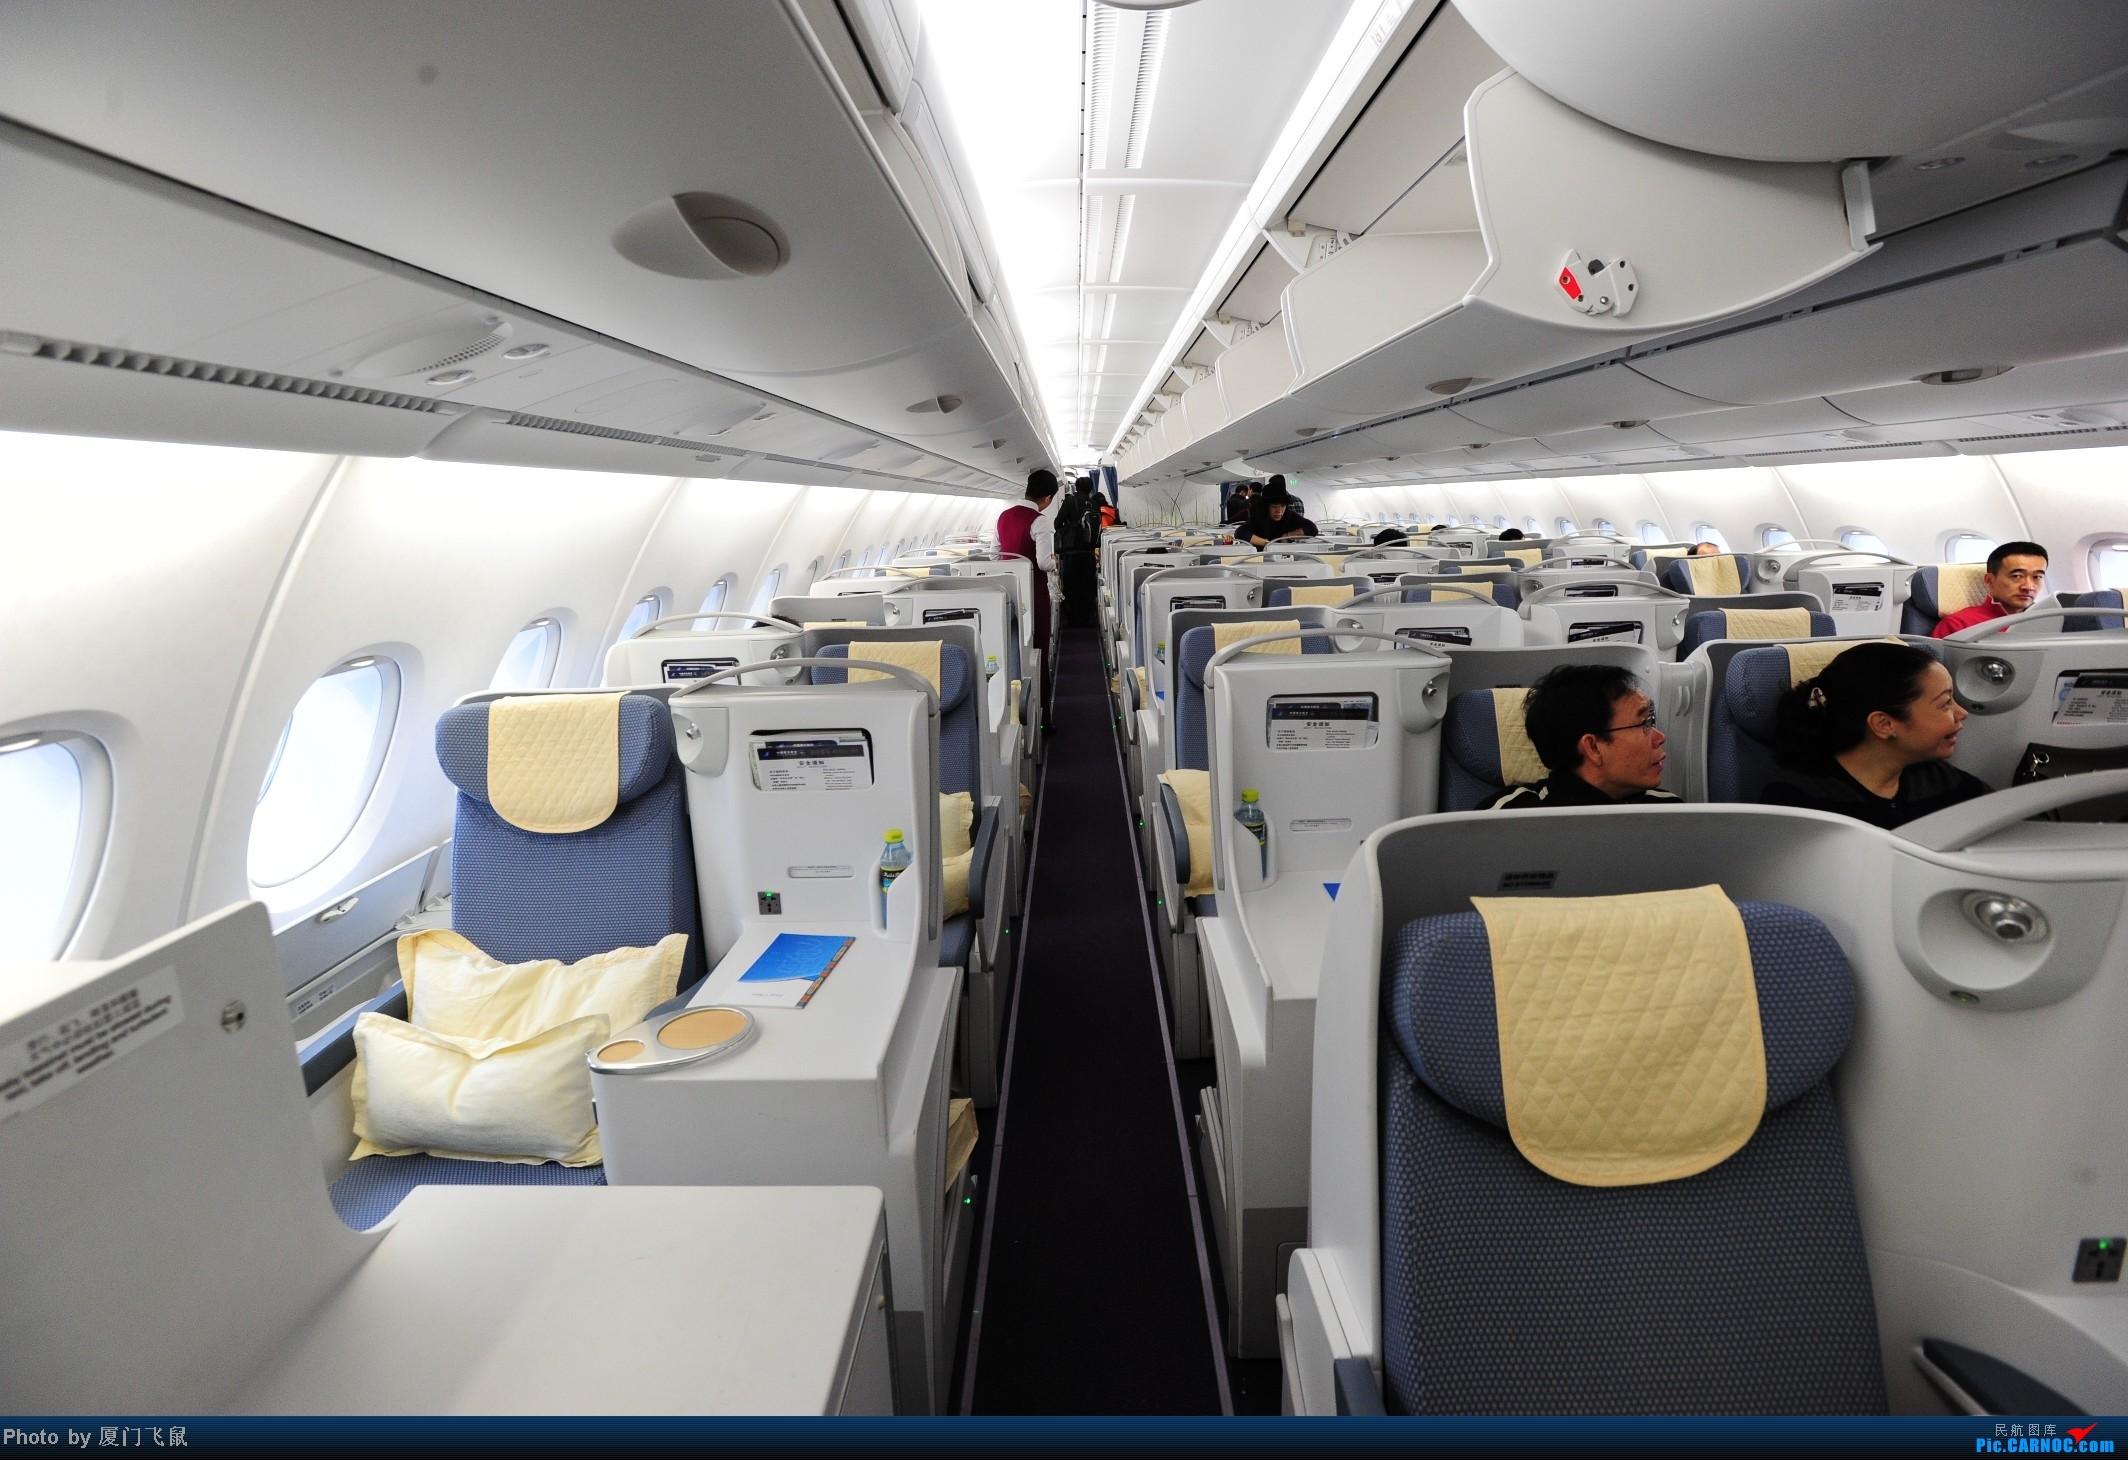 图片类别: 飞机 机型图片